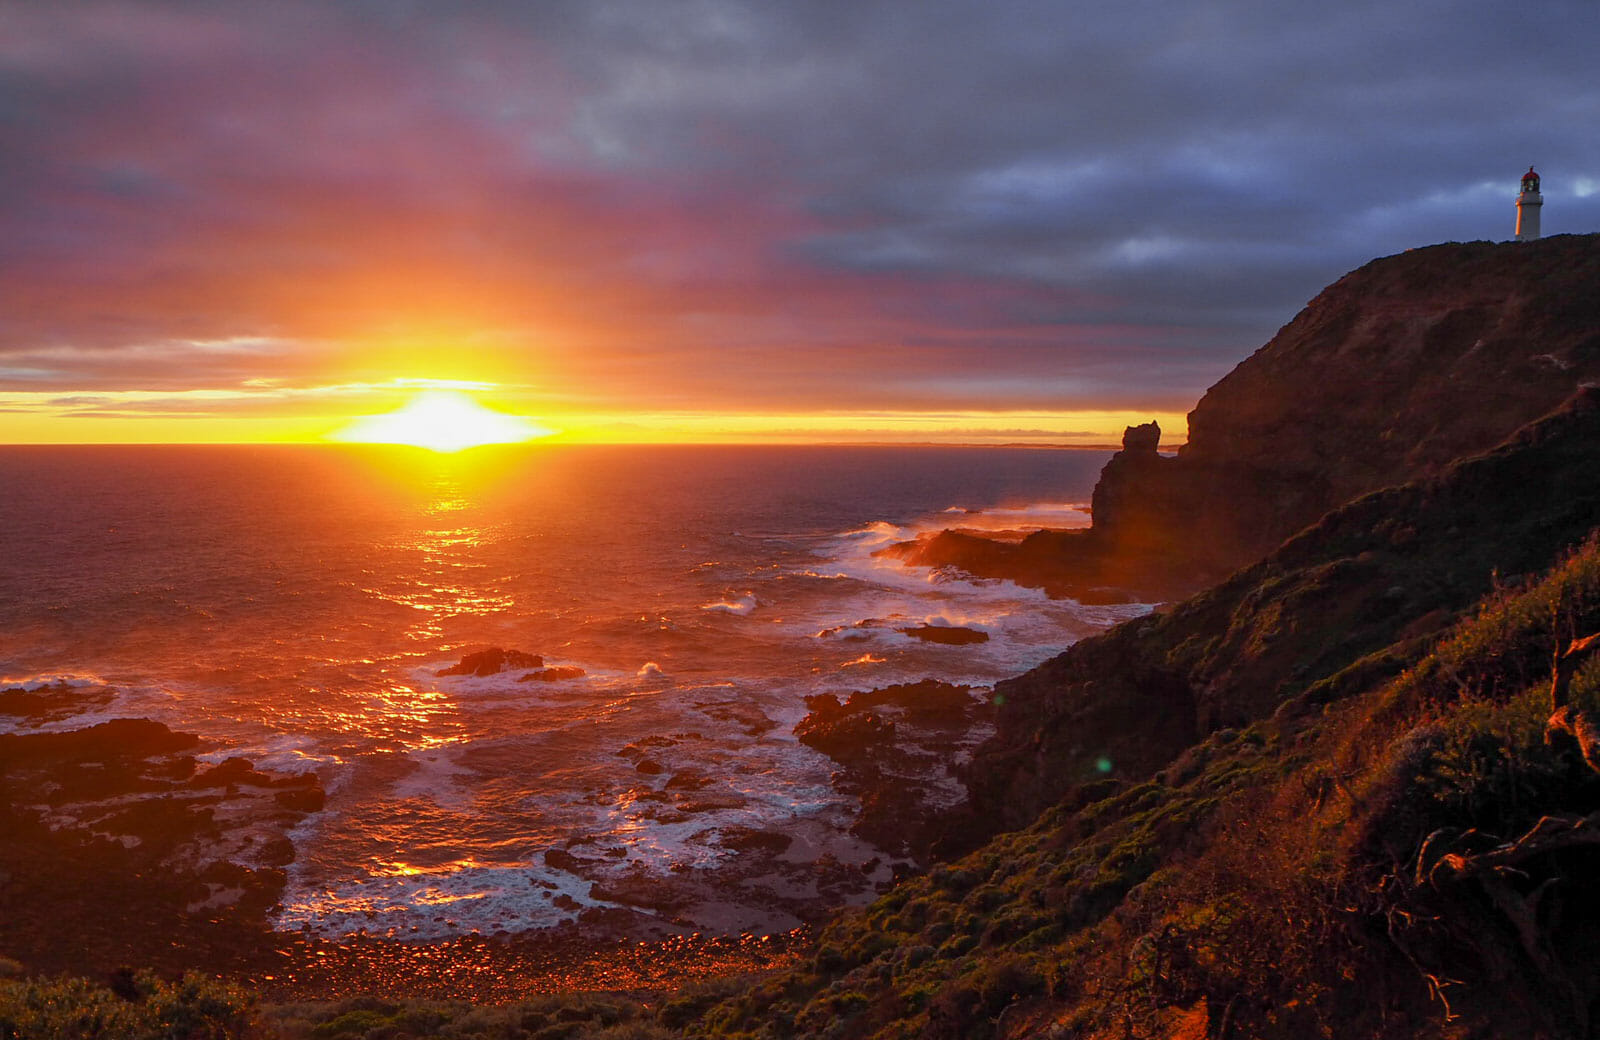 coucher de soleil cap shanck mornington